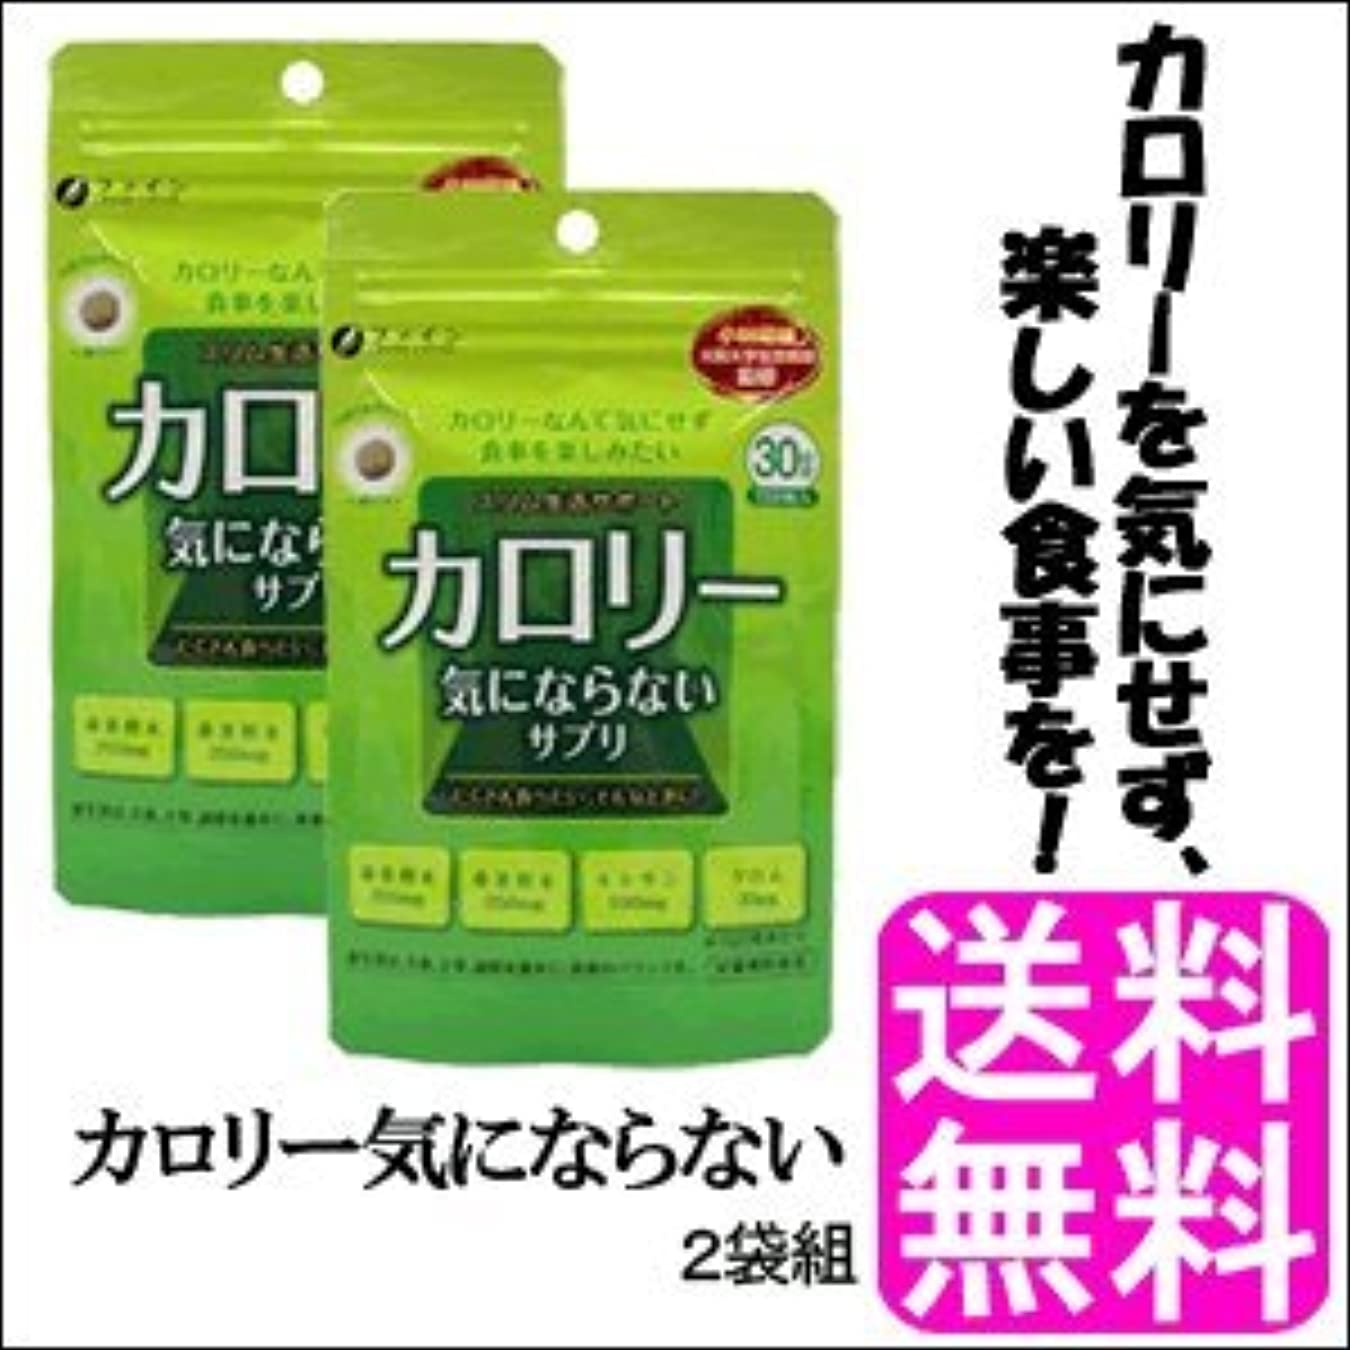 消費者シダ実行カロリー気にならないサプリ(200mg×約150粒)【2袋組】